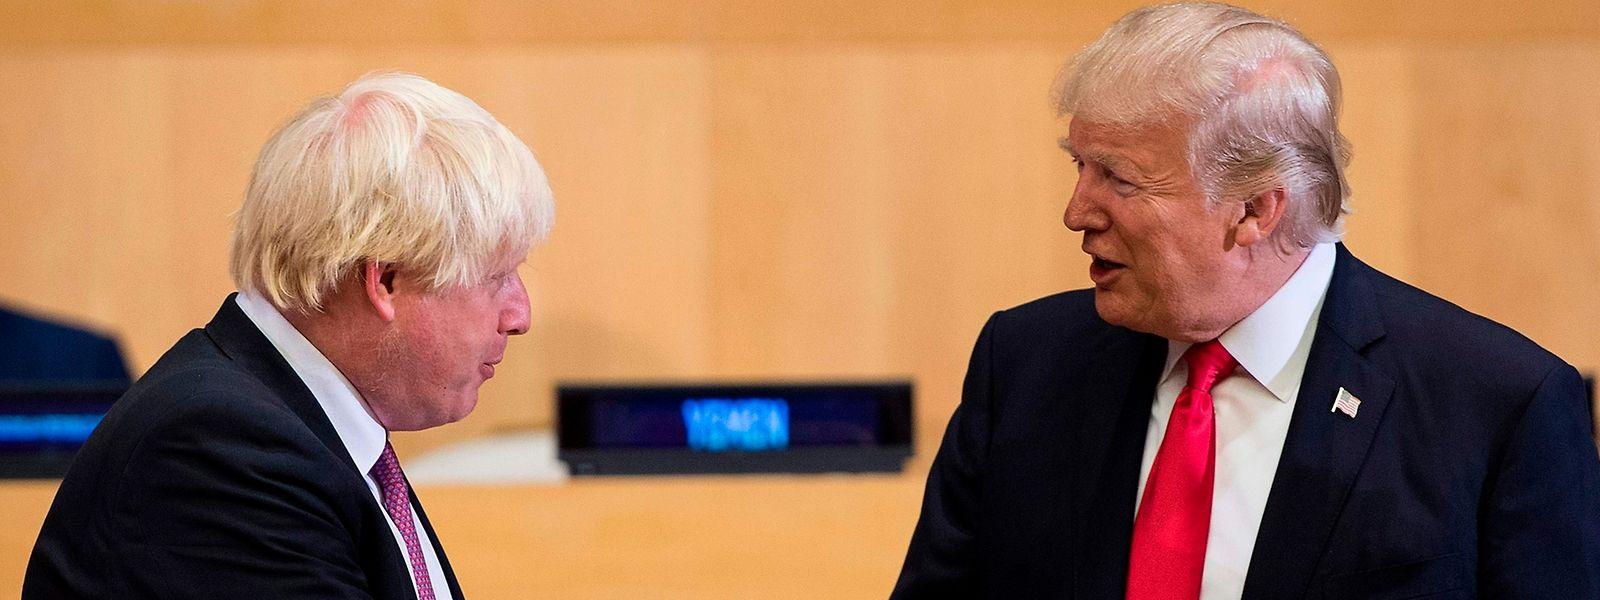 Johnson und Trump sollen sich auf dem G7 in Biarritz erneut treffen.